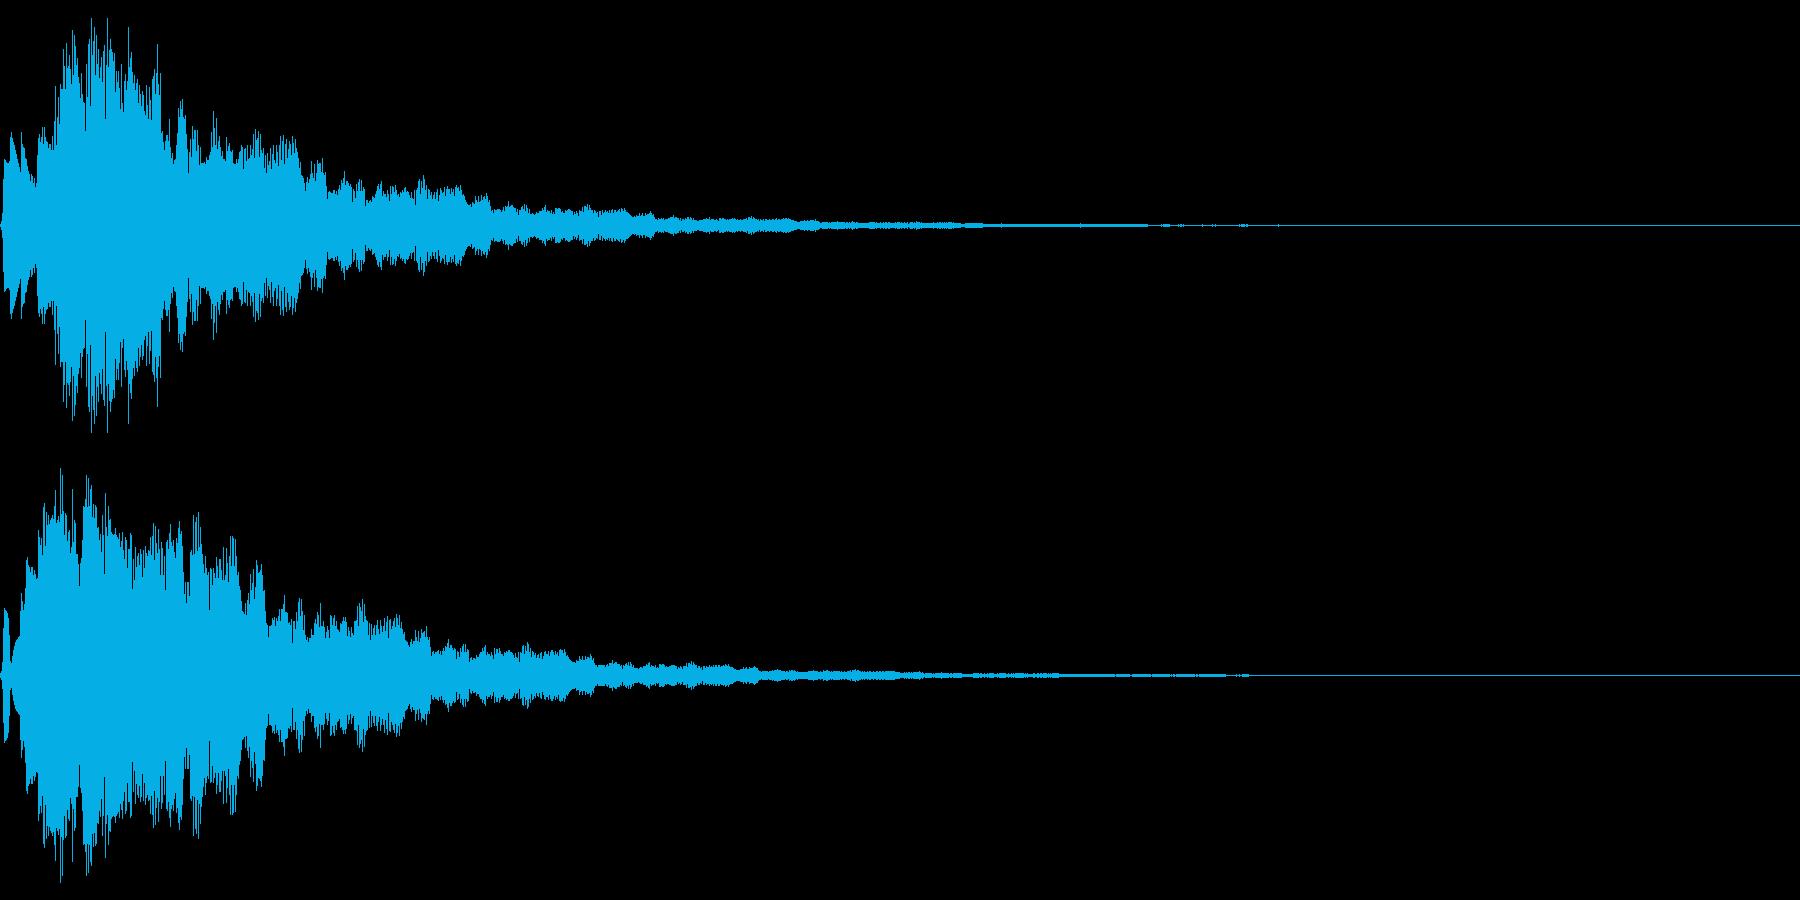 サウンドロゴ12(ベル系)の再生済みの波形